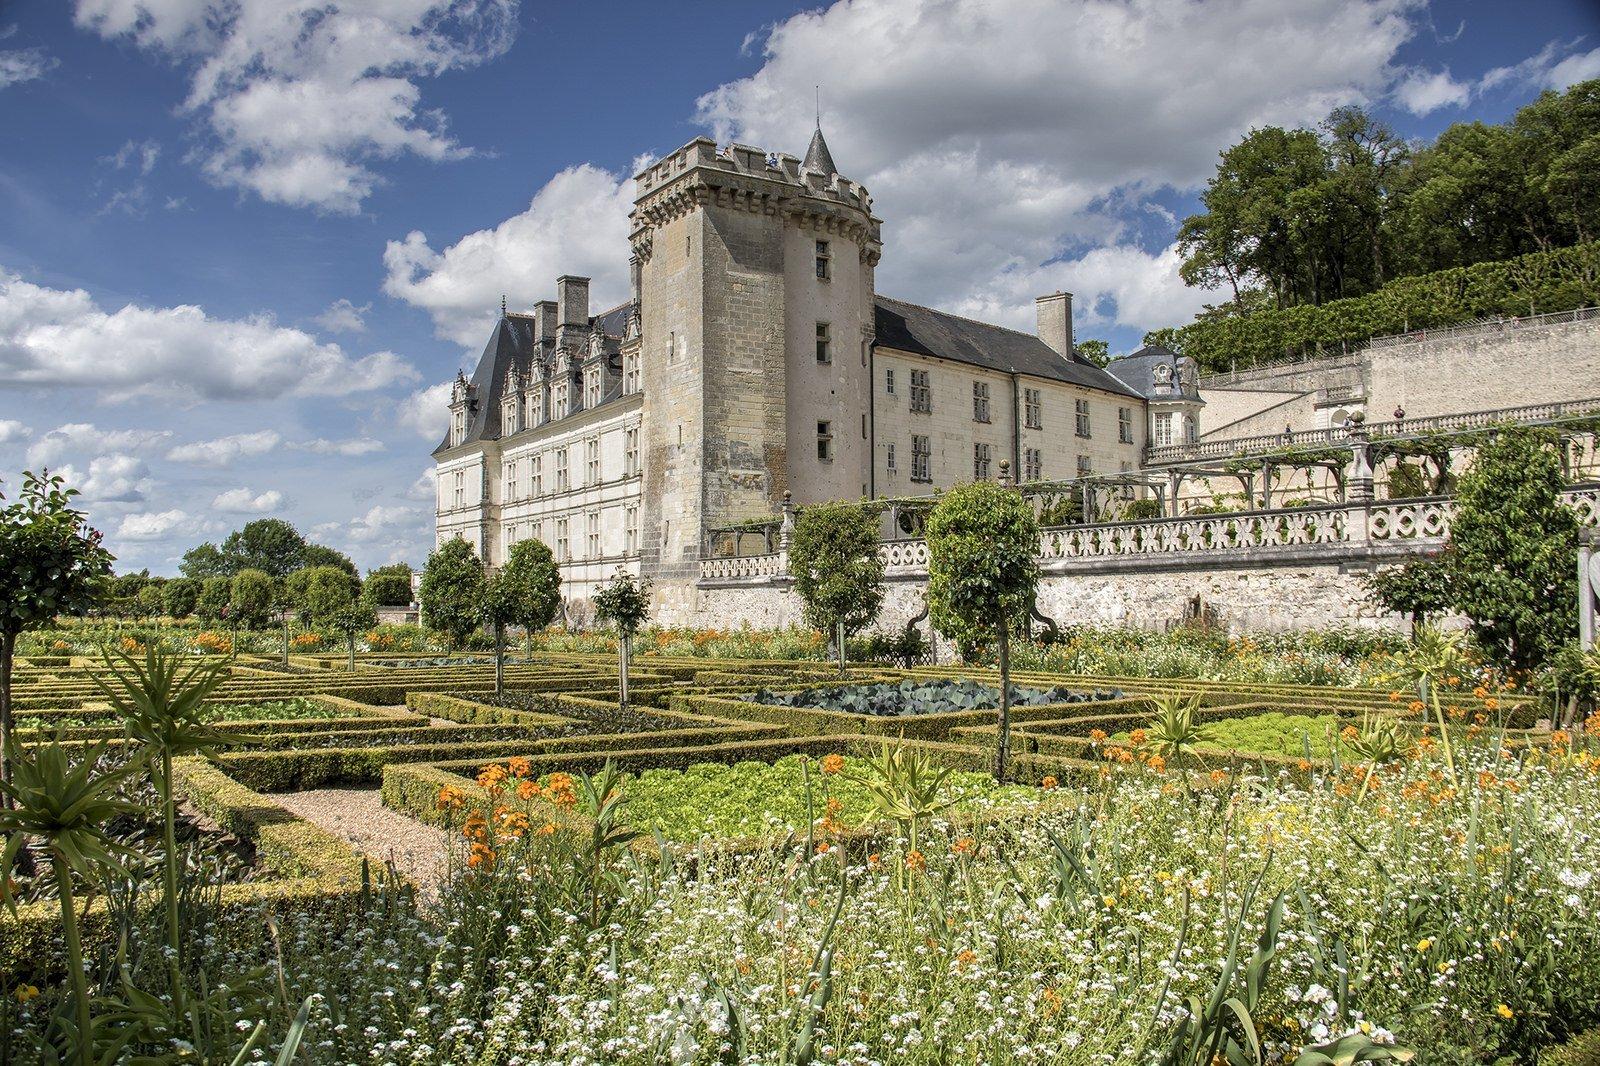 Chateau de Villandry France